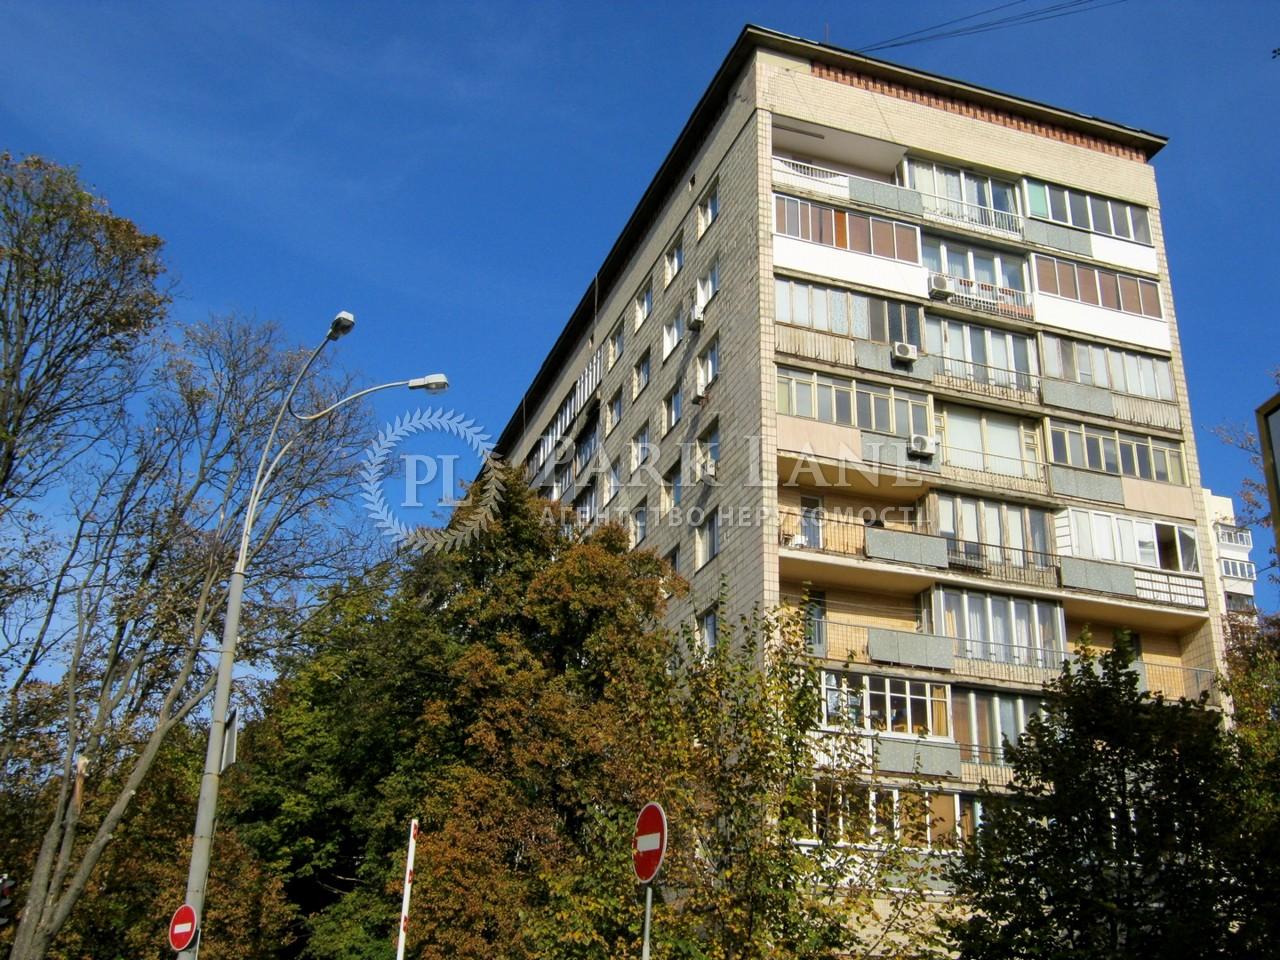 Квартира ул. Емельяновича-Павленко Михаила (Суворова), 19, Киев, R-10449 - Фото 1